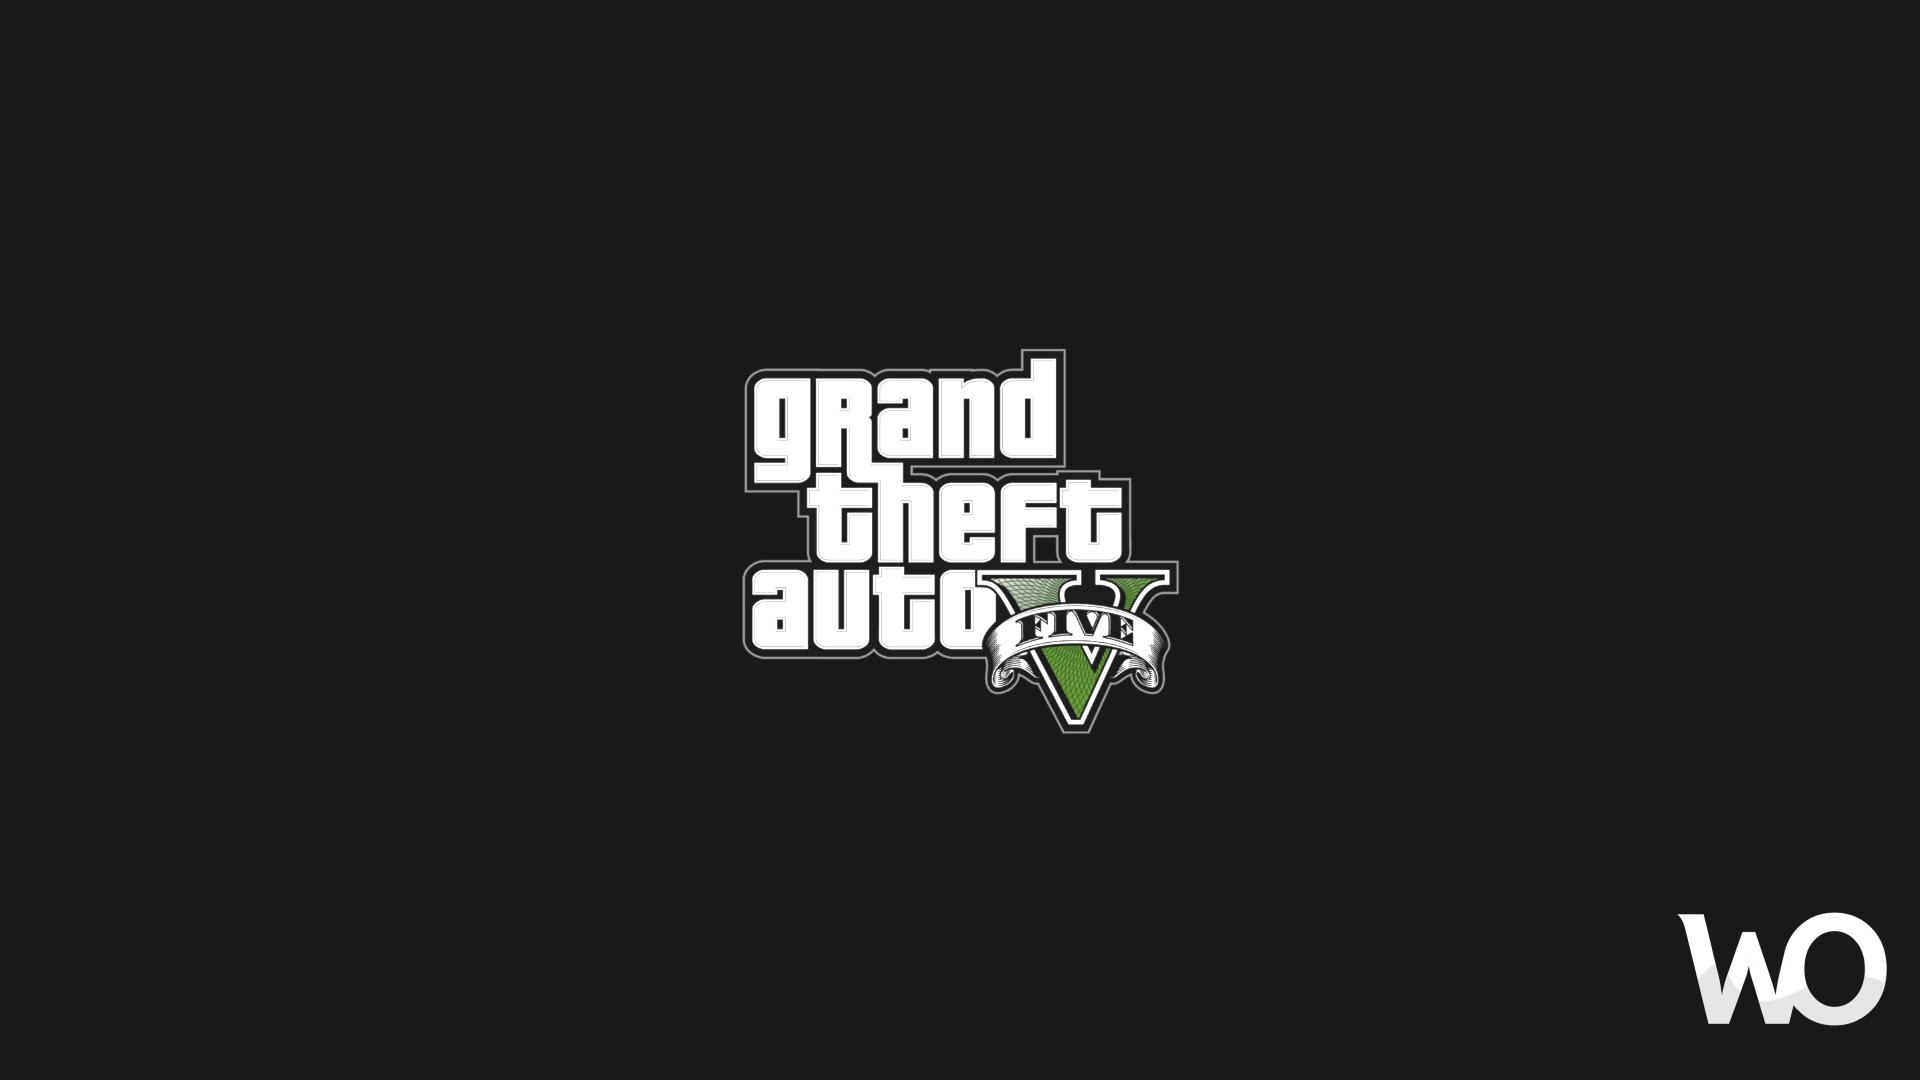 GTA 5 Mobil Çıktı ( Gta 5 mobil indirme linki )